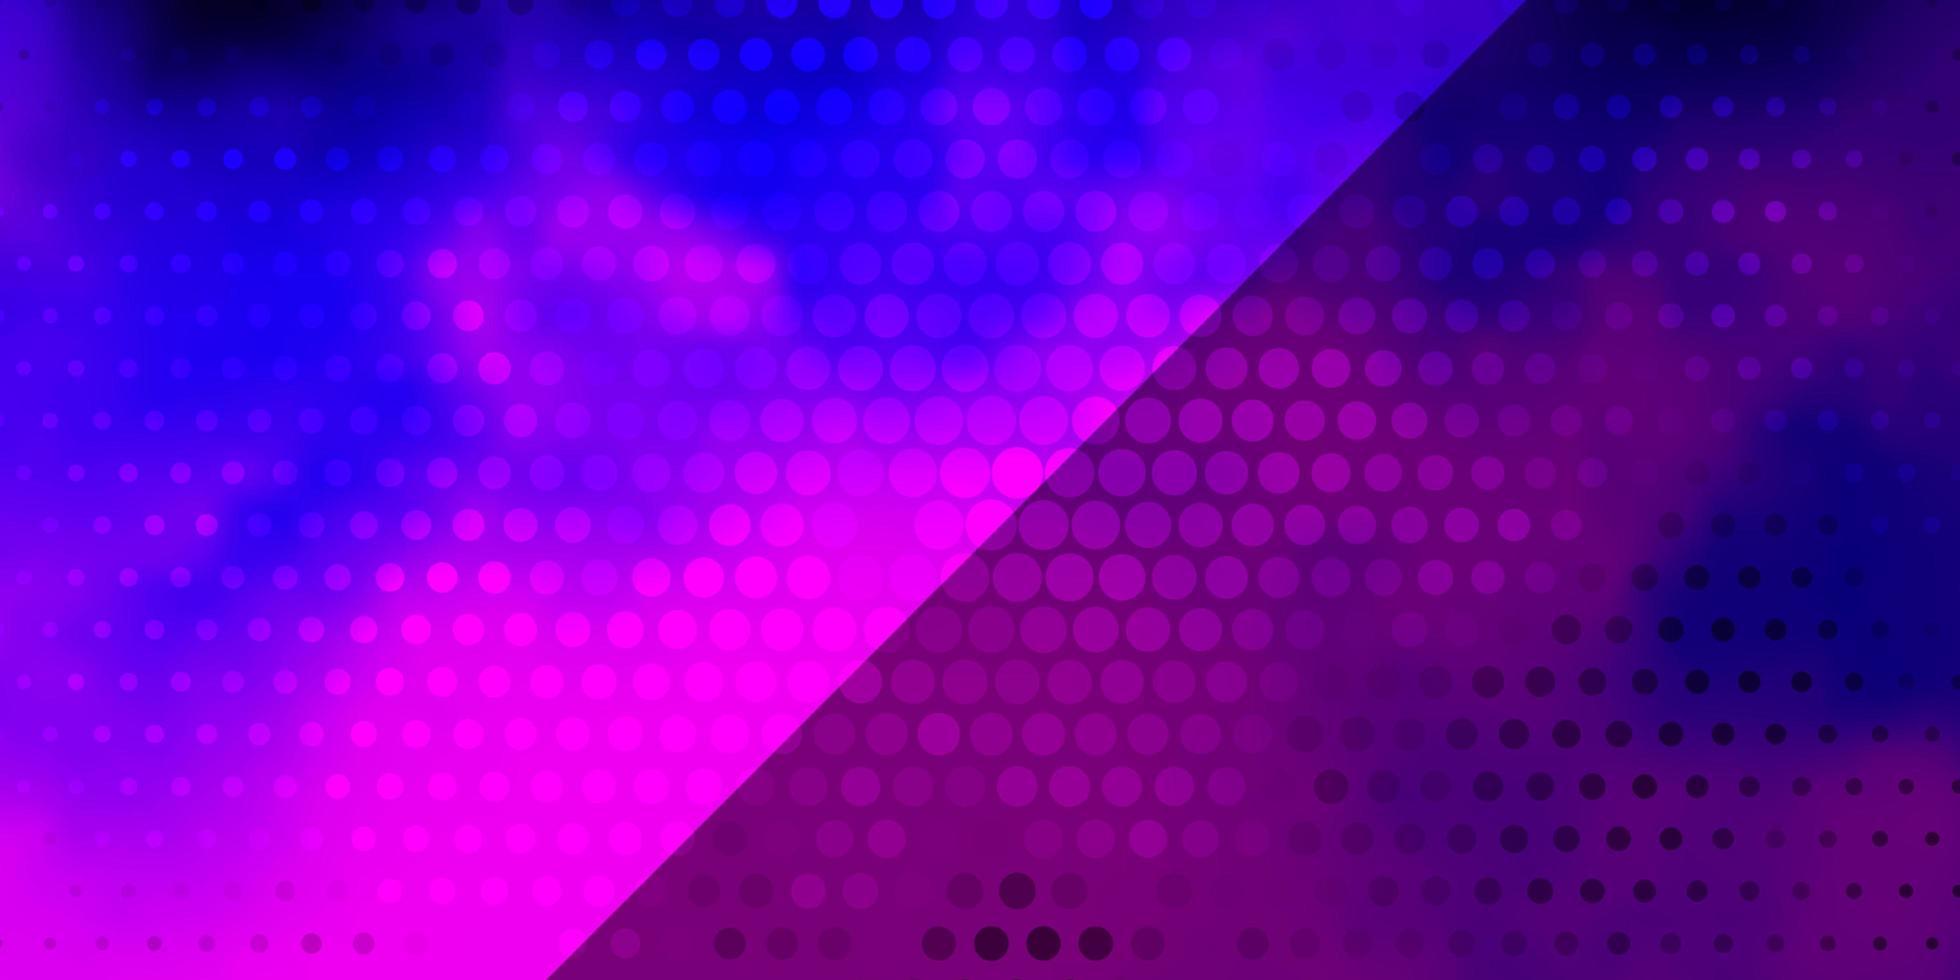 ljuslila, rosa vektorlayout med cirklar. vektor